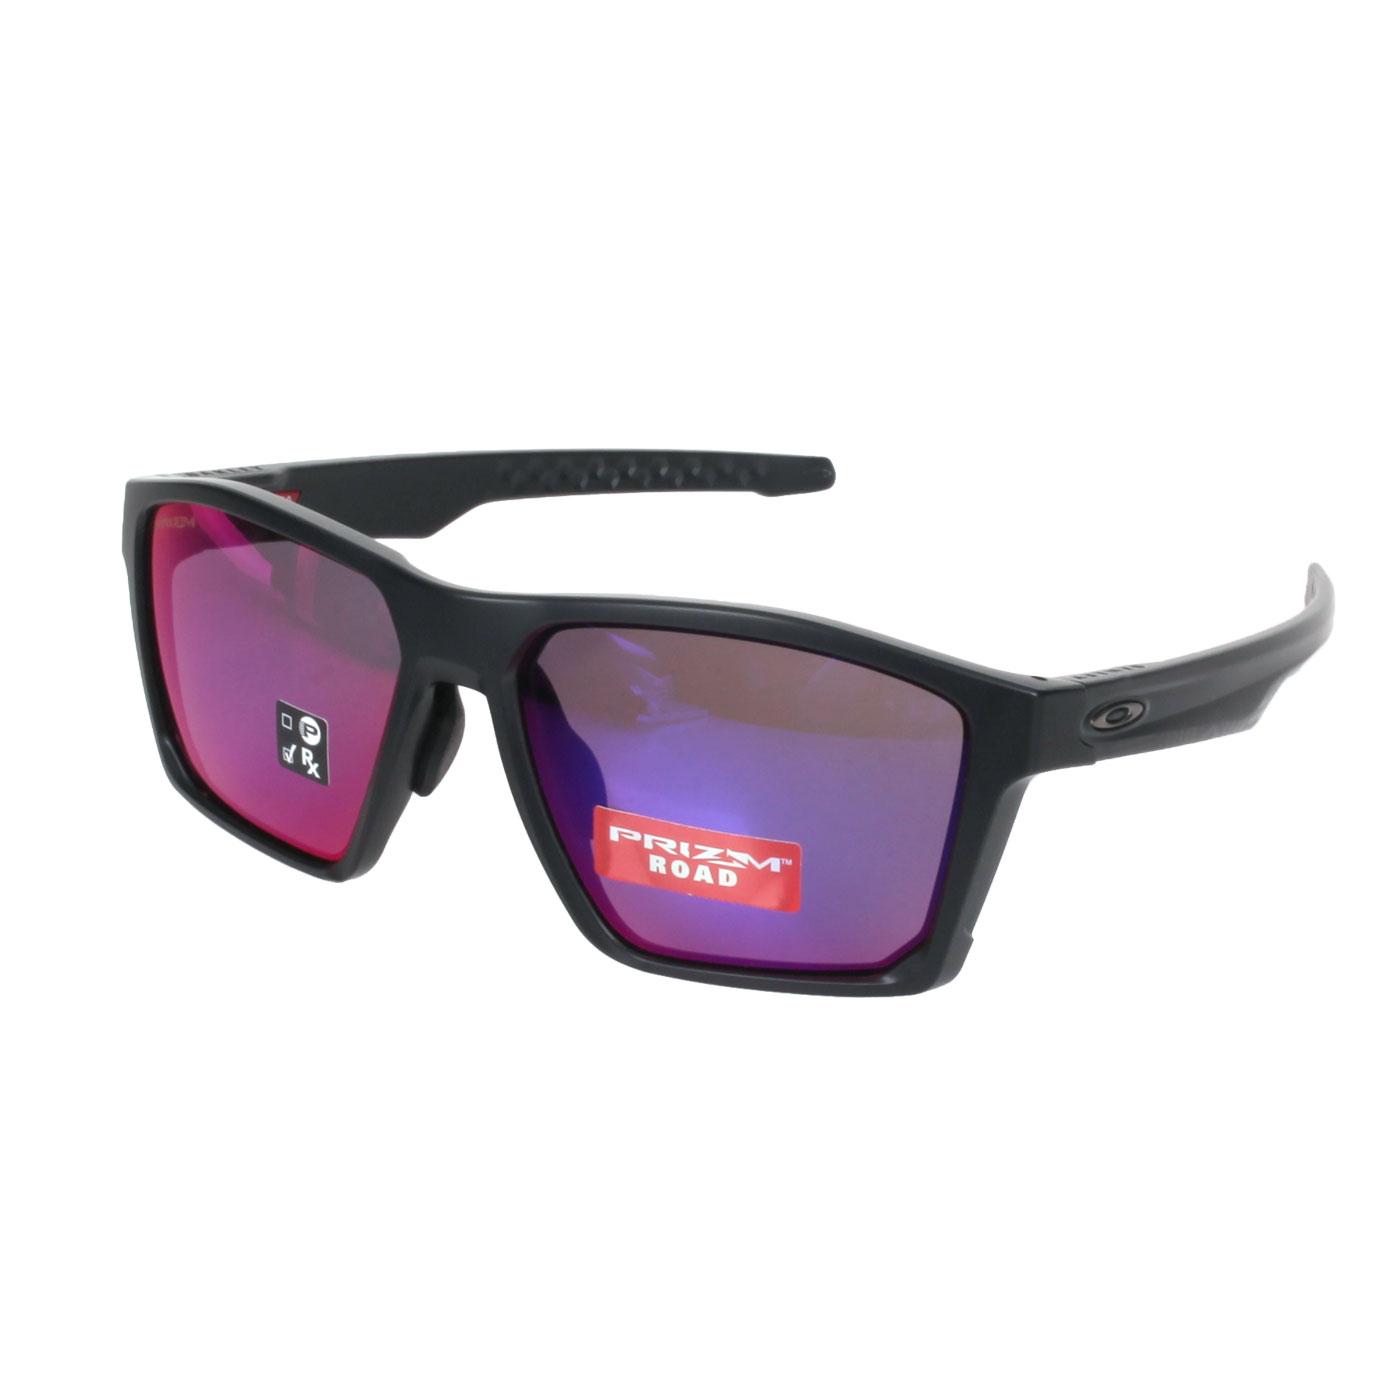 OAKLEY 一般太陽眼鏡 (附硬盒) OAK-OO9398-0958 - 黑紫